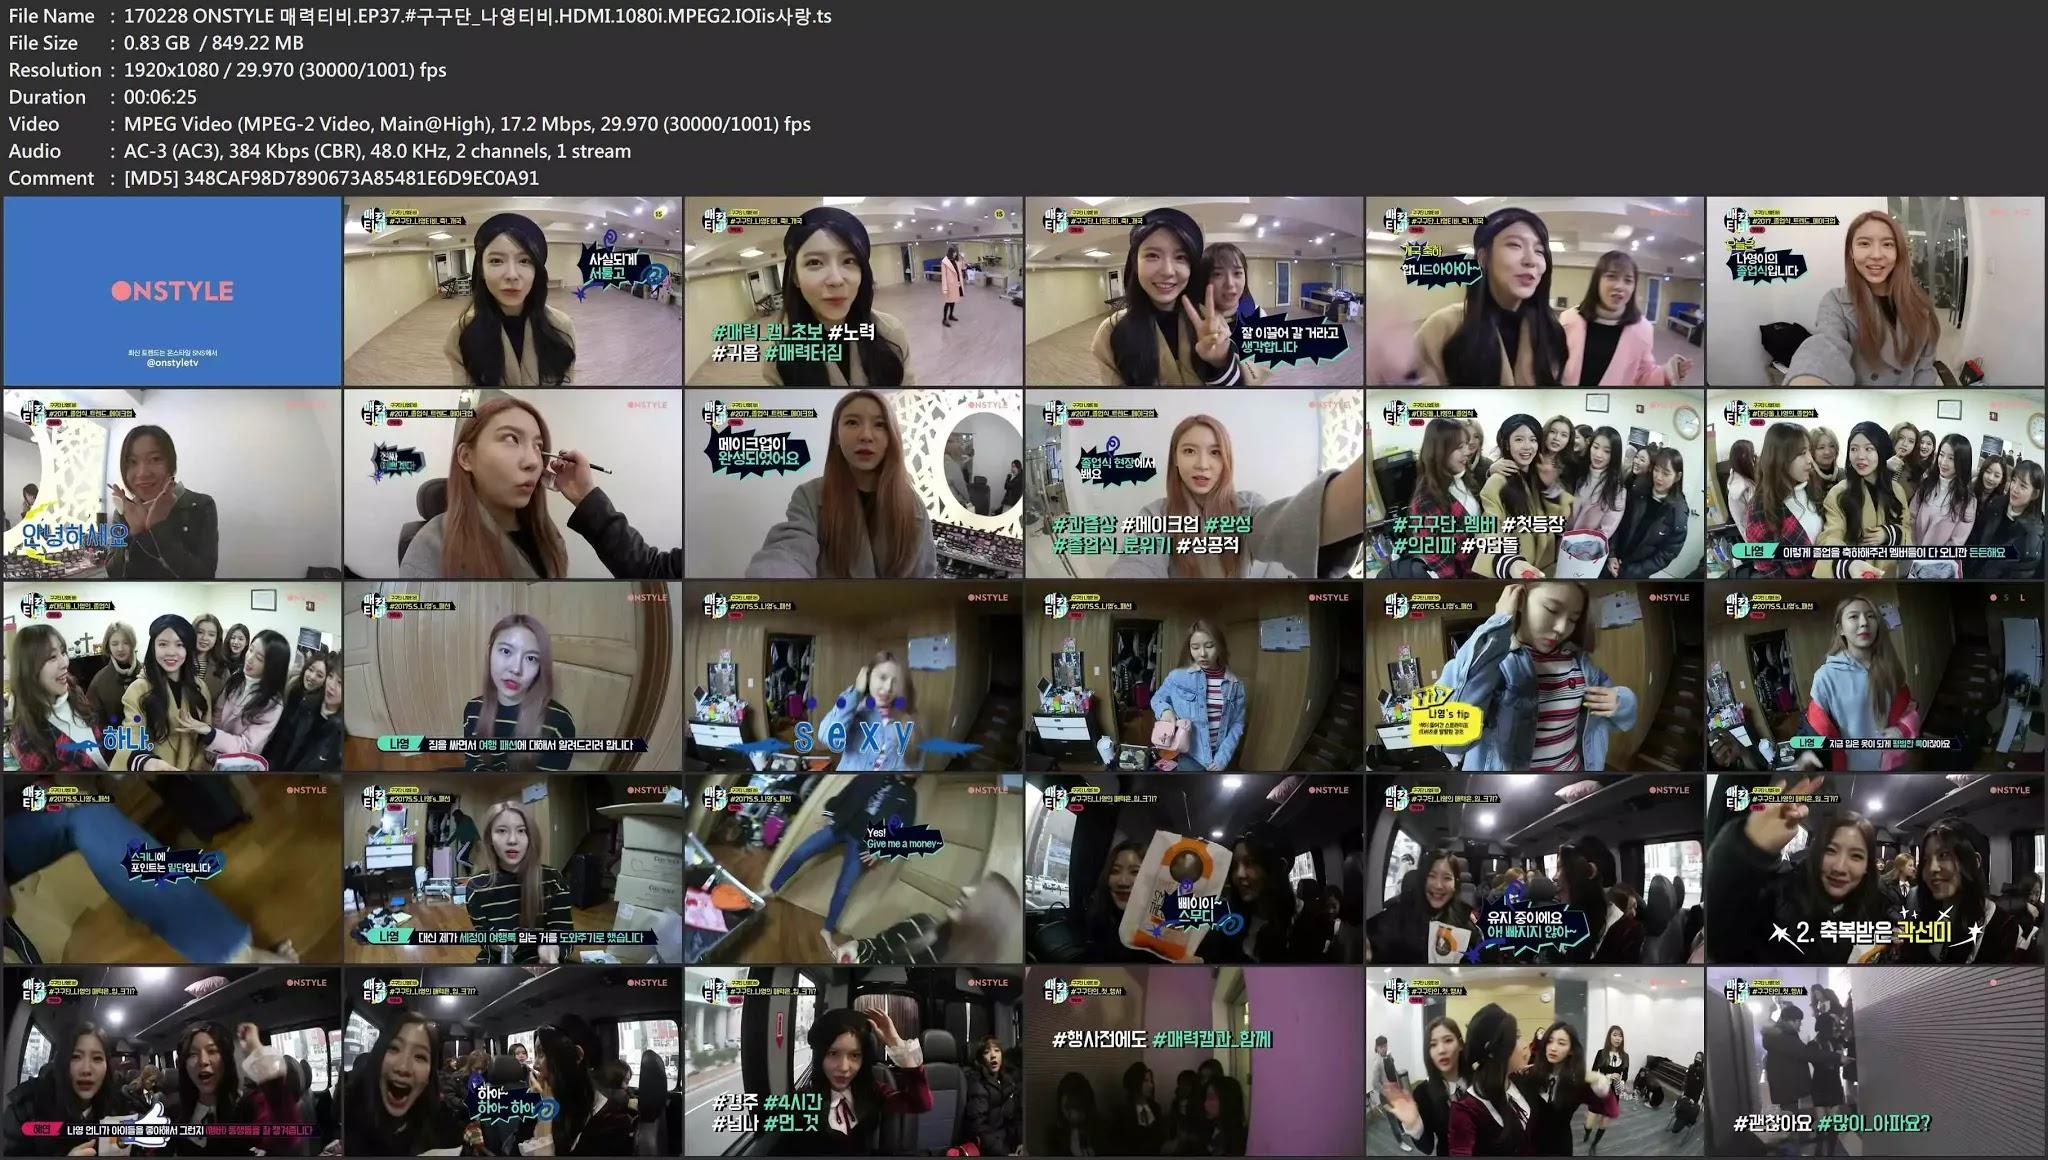 [gugudan] 170228 OnStyle 'Attraction TV' E37